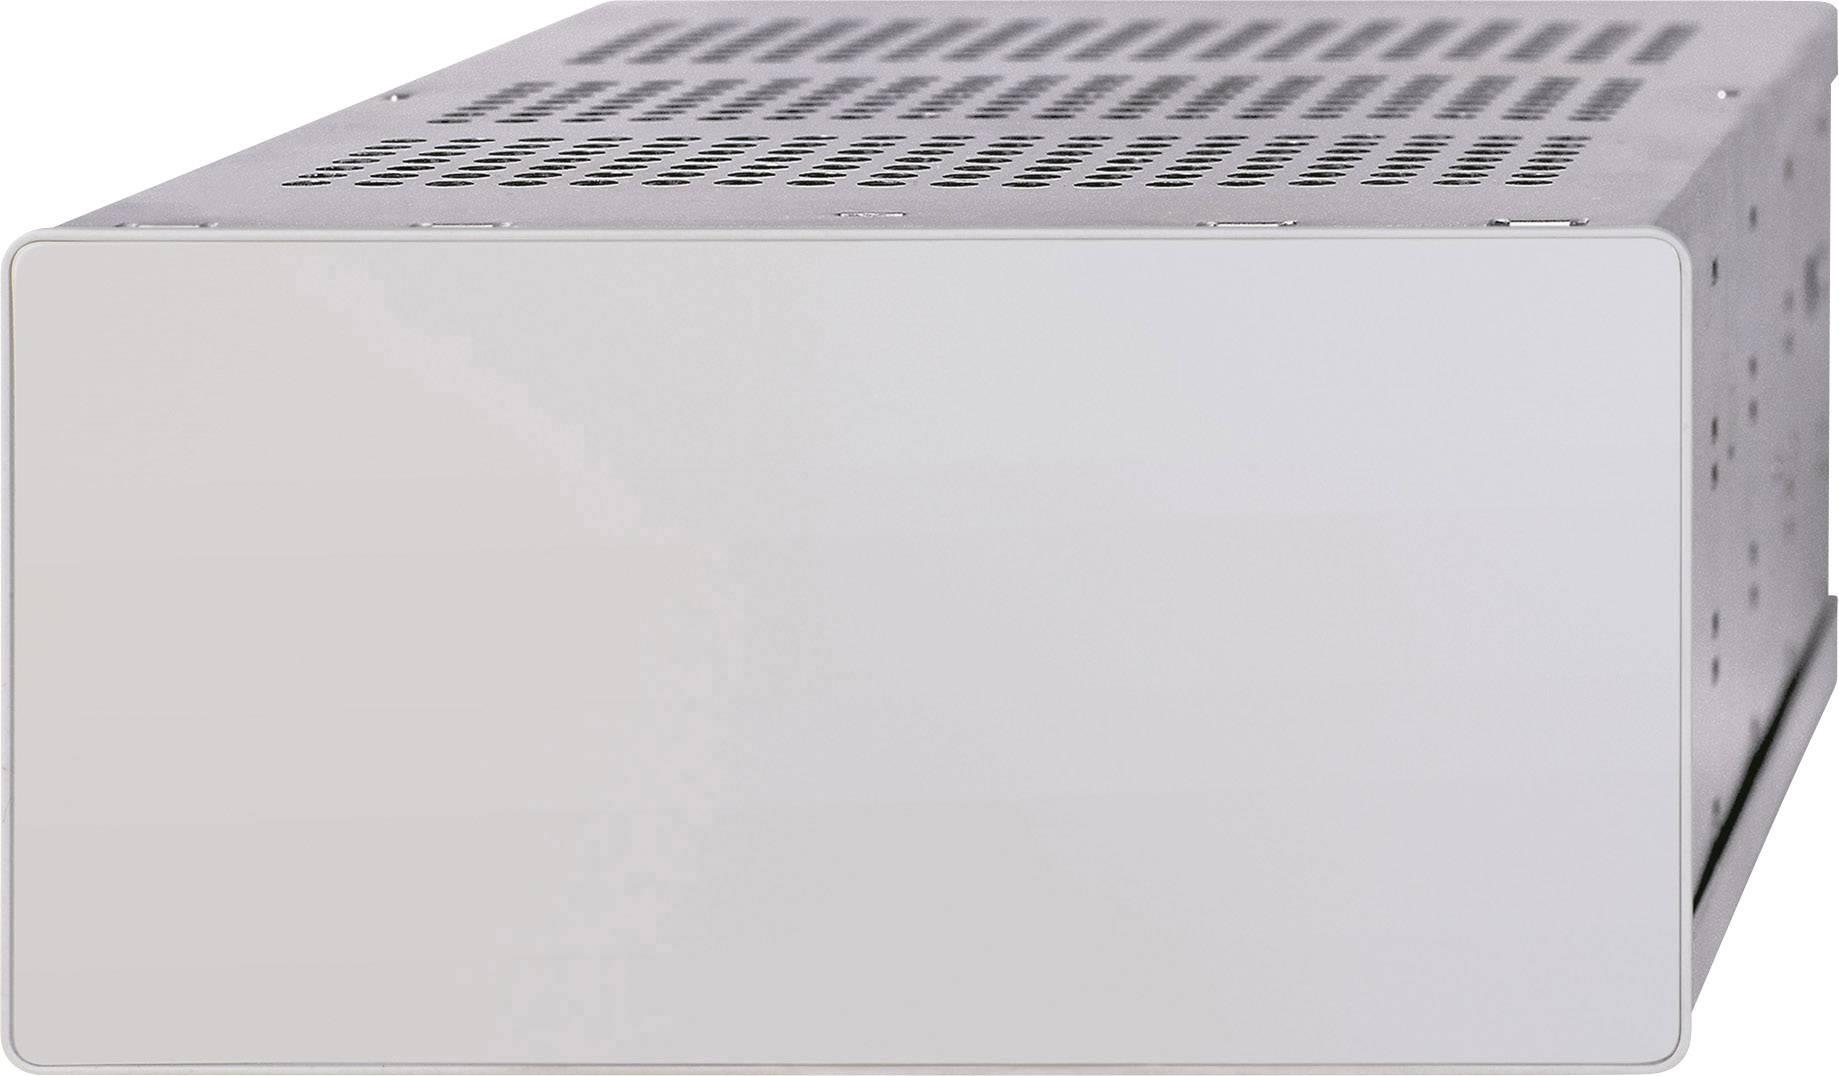 Prázdny modul Hameg HM 800